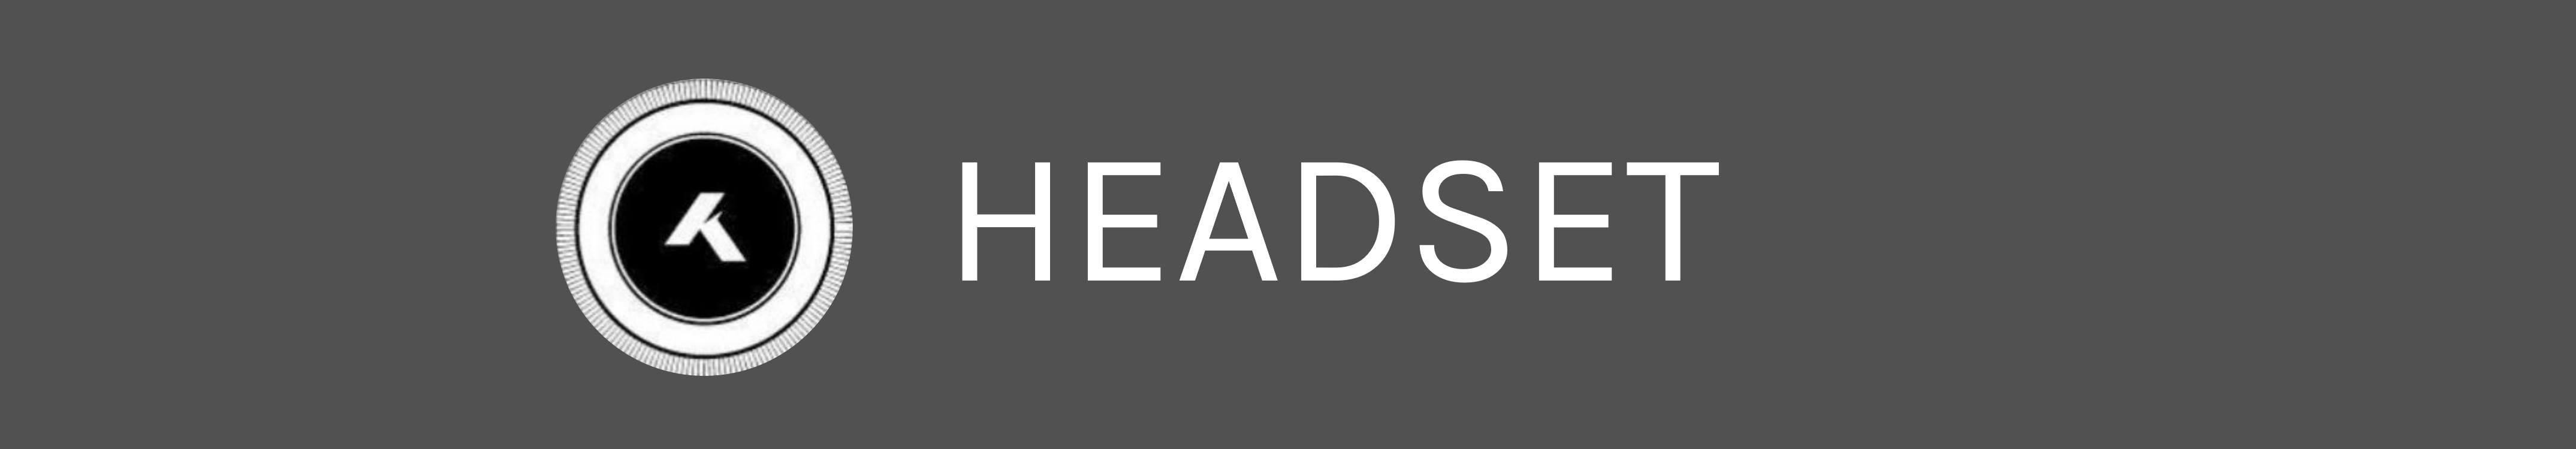 KHE-Banner-headset